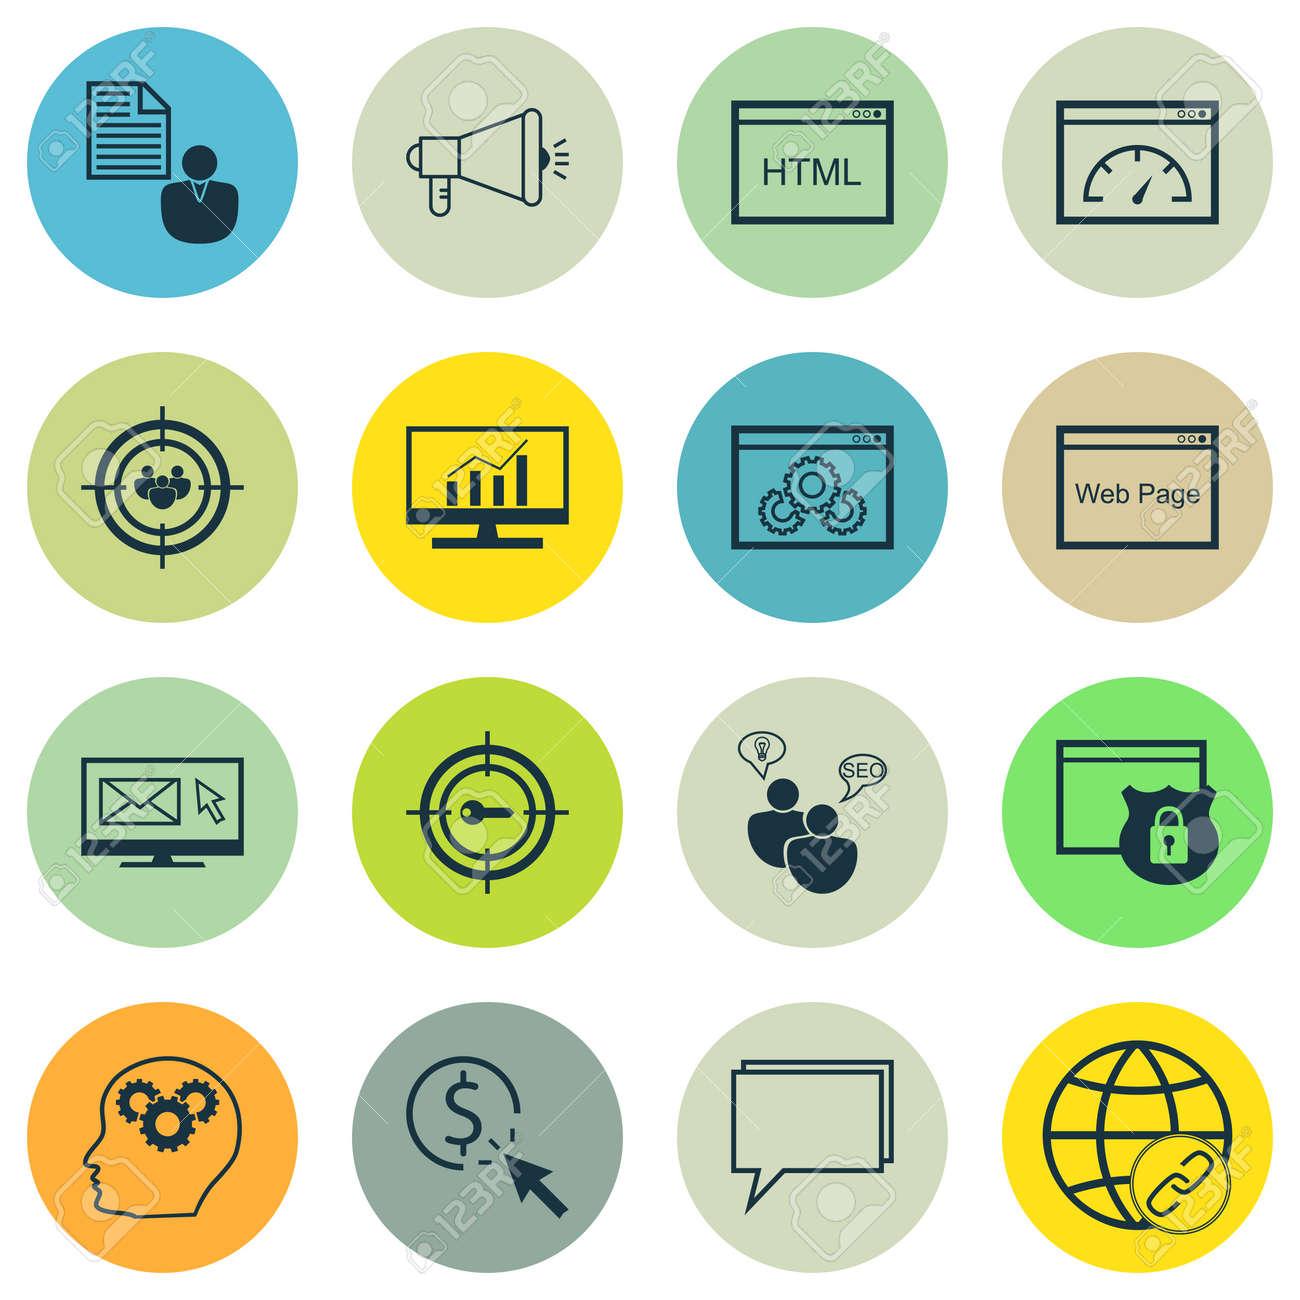 633032979a Archivio Fotografico - Set di SEO, di marketing e pubblicità icone sul  utilizzare parole chiave, ottimizzazione sito web, Consulenza online e  altro ancora.